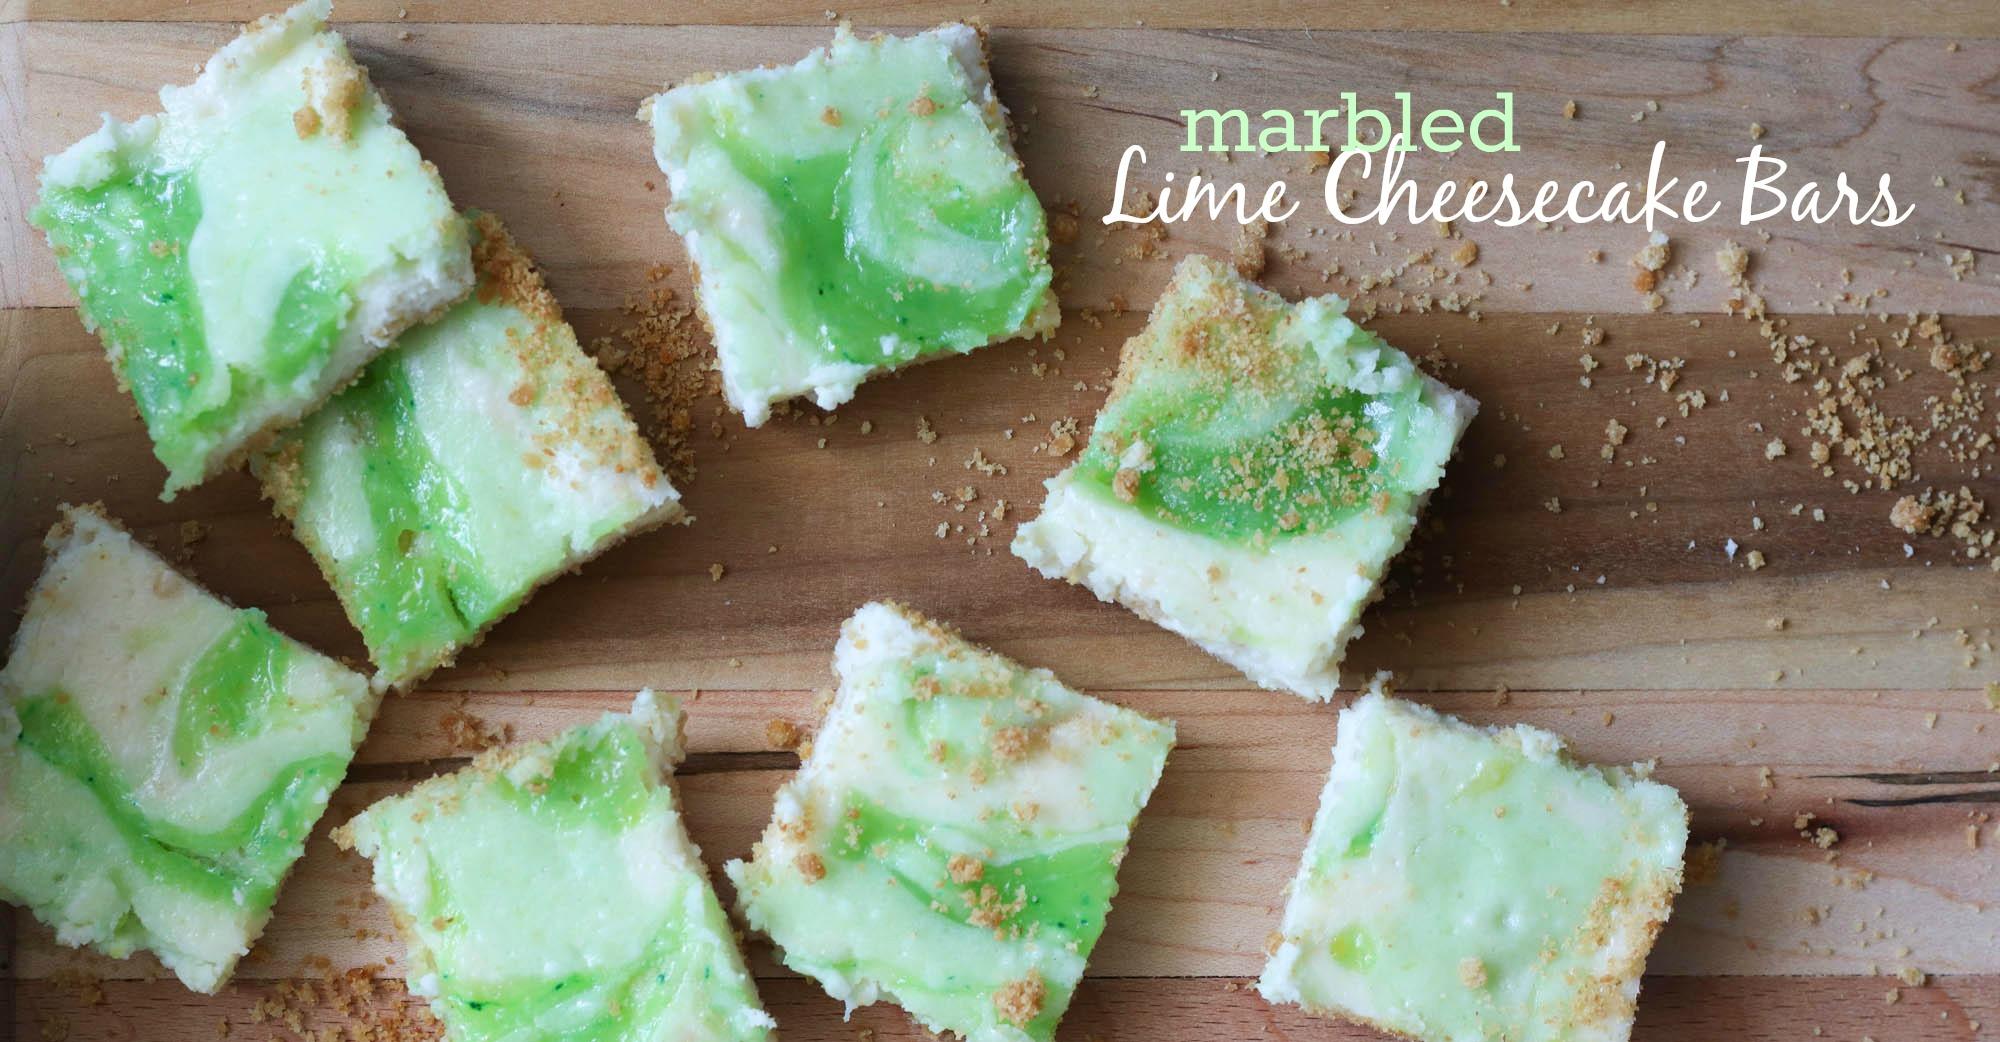 marbled-lime-cheesecake-6b